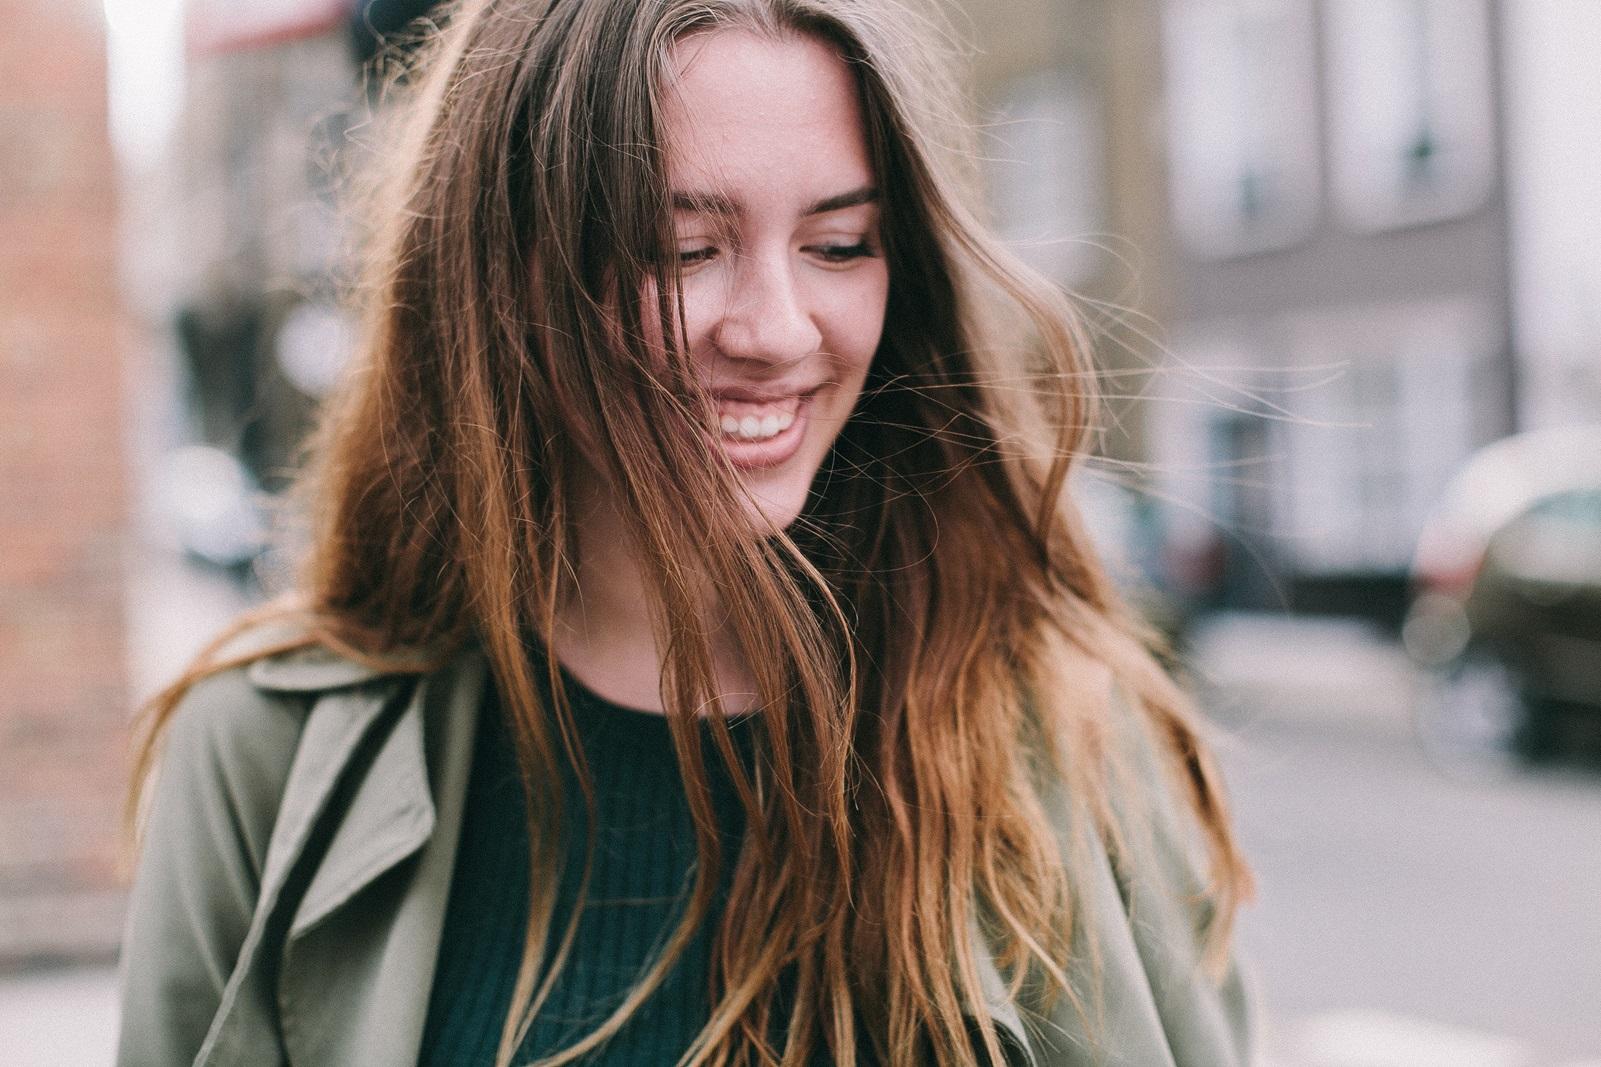 Unge kvinde til pubertetsundersøgelsen